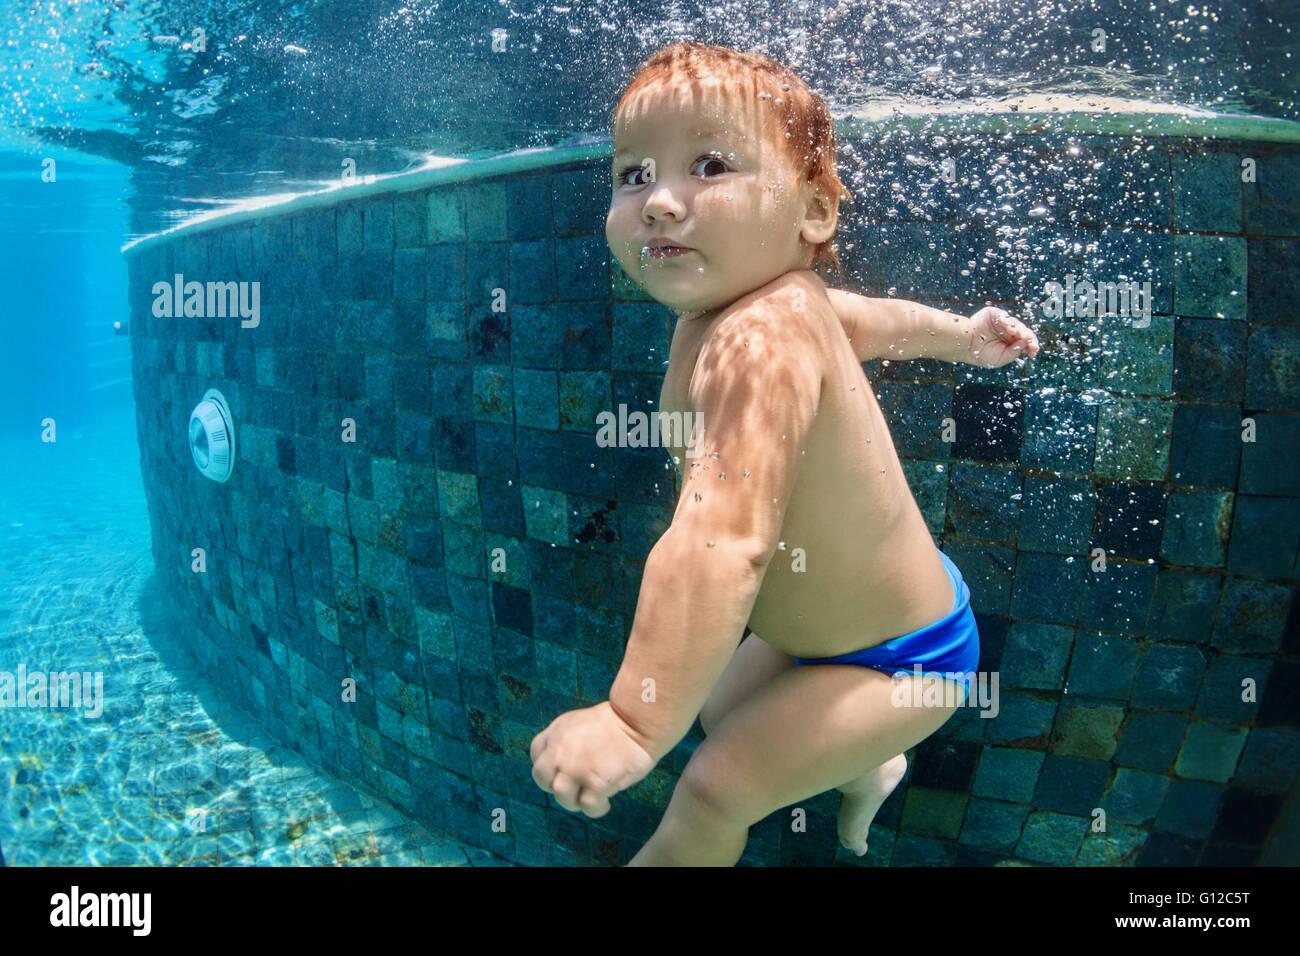 Gracioso foto del bebé activo nadar y bucear en la piscina con la diversión - Salto hacia abajo subacuático Imagen De Stock